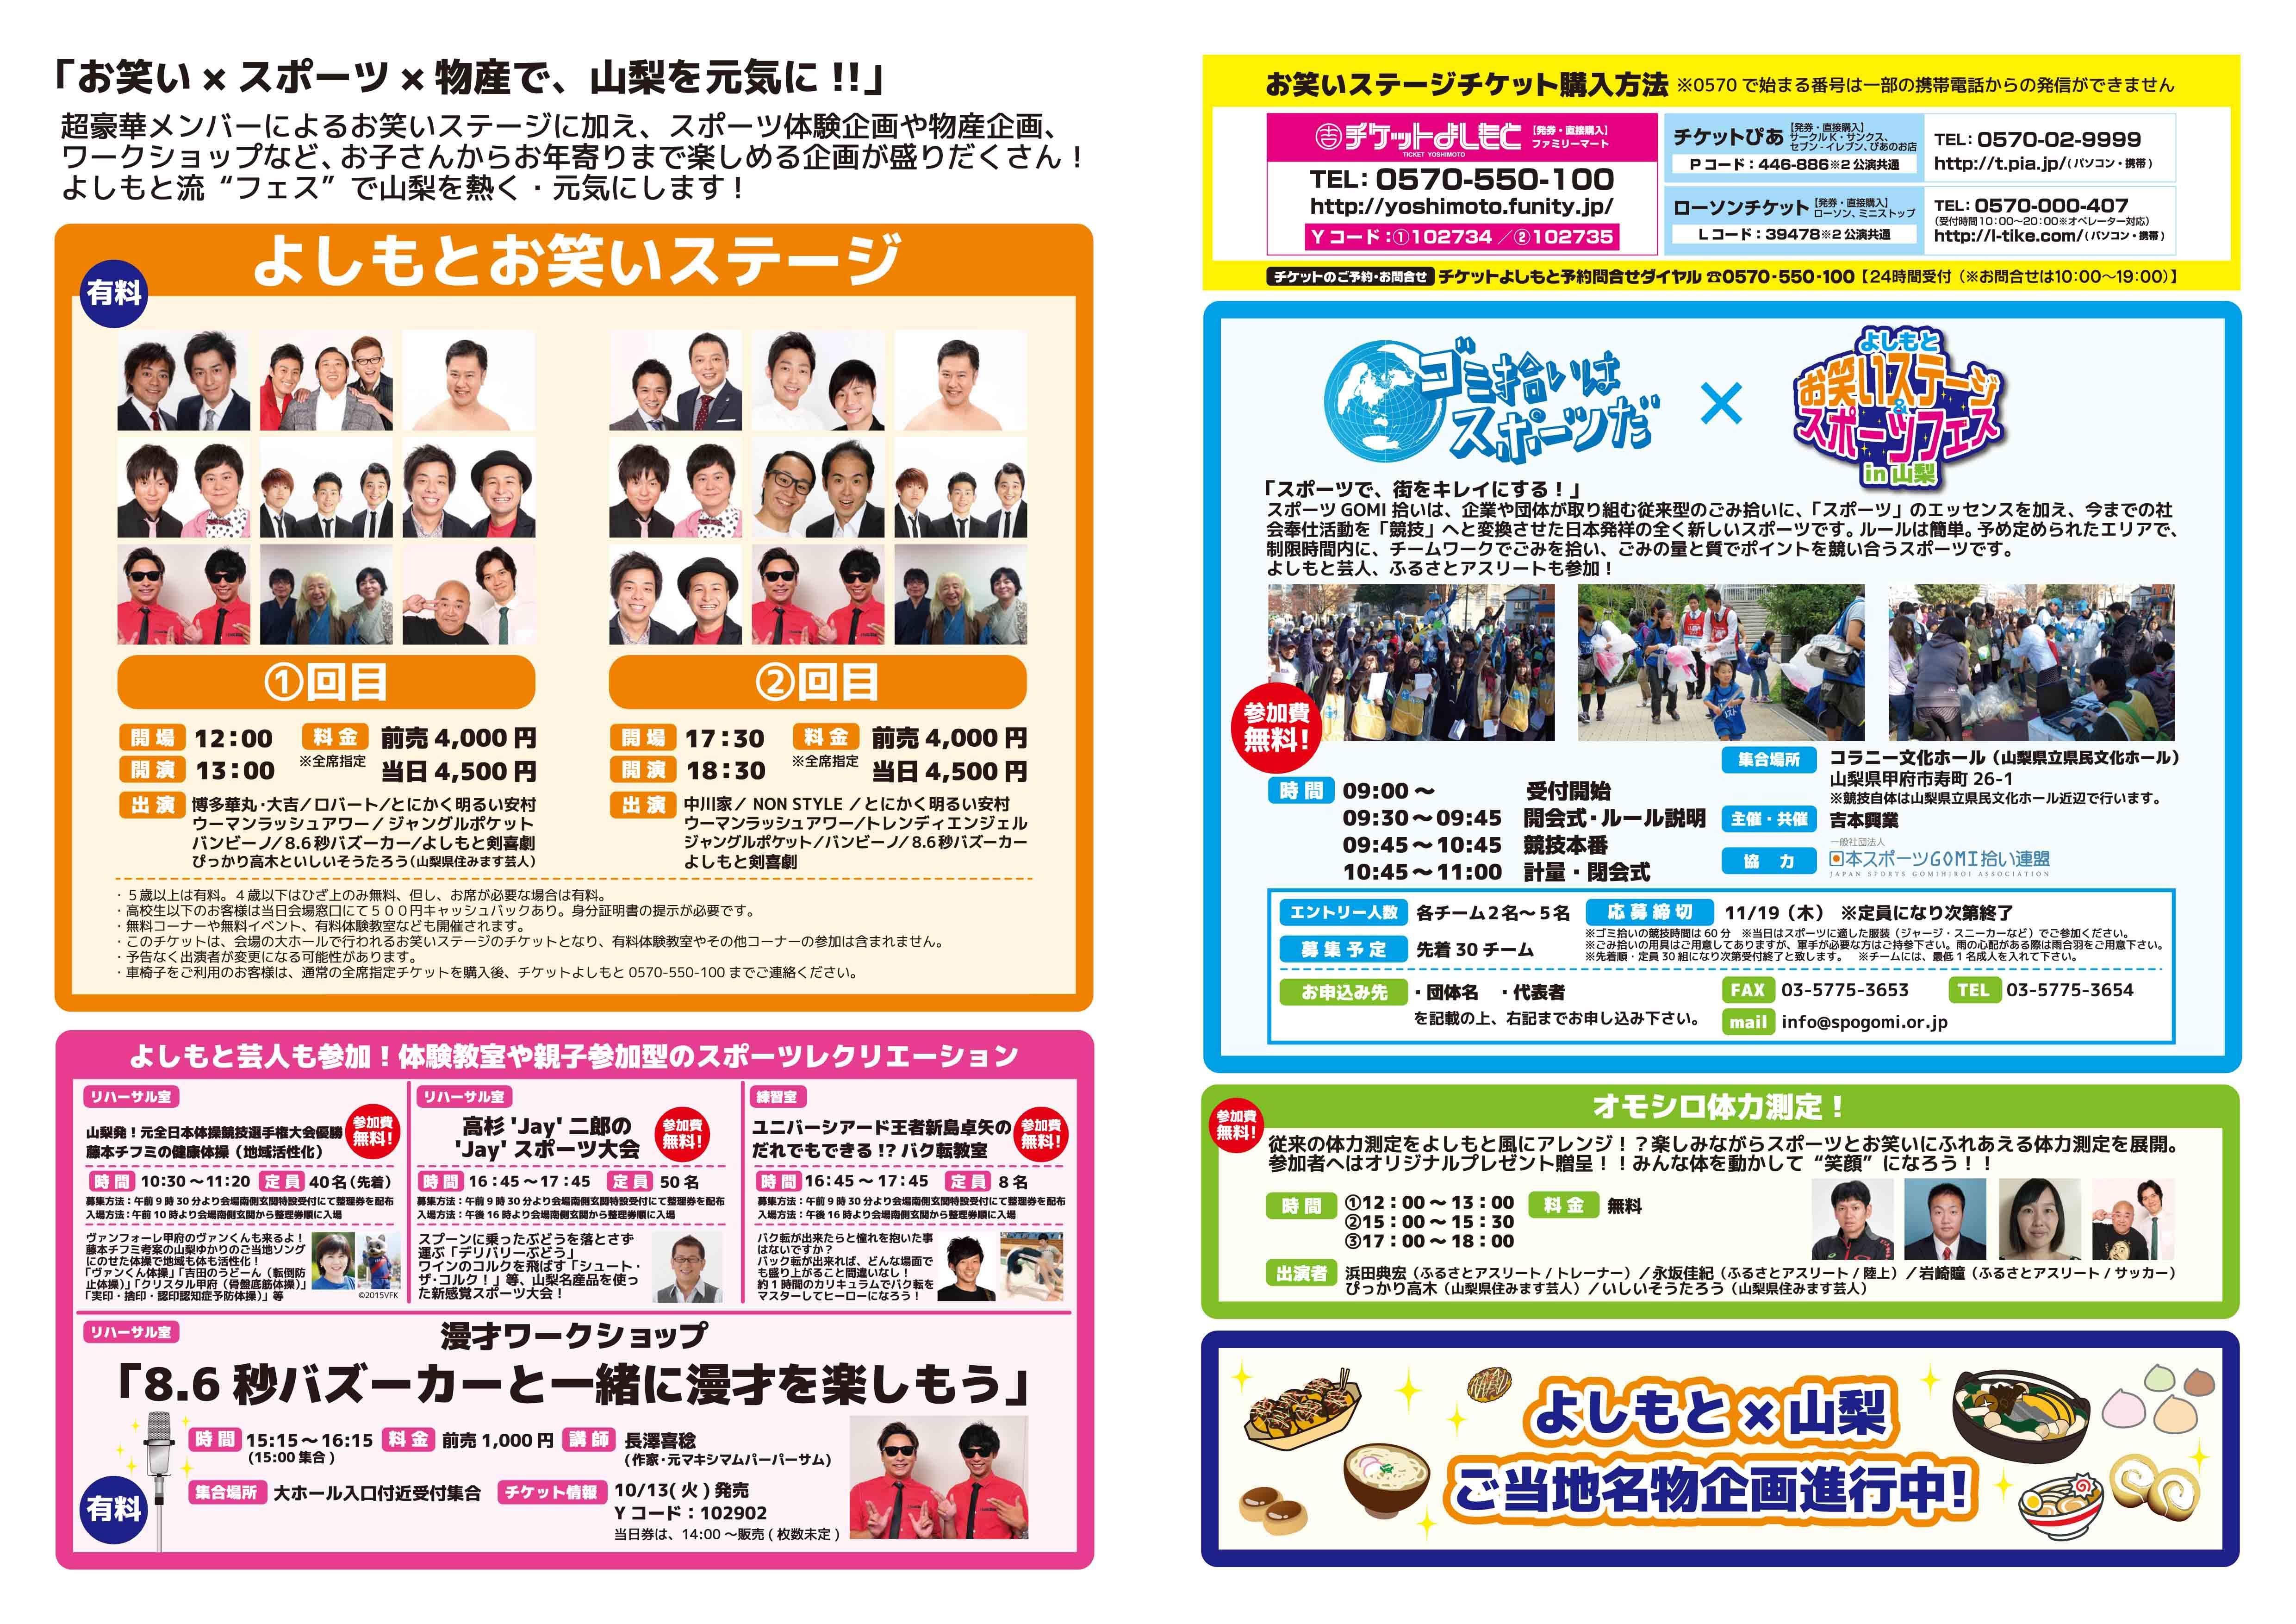 http://www.syumatsu.jp/20151104160655-ef301f46f8b0b4820c296a706d49bc7d9466ce6d.jpg